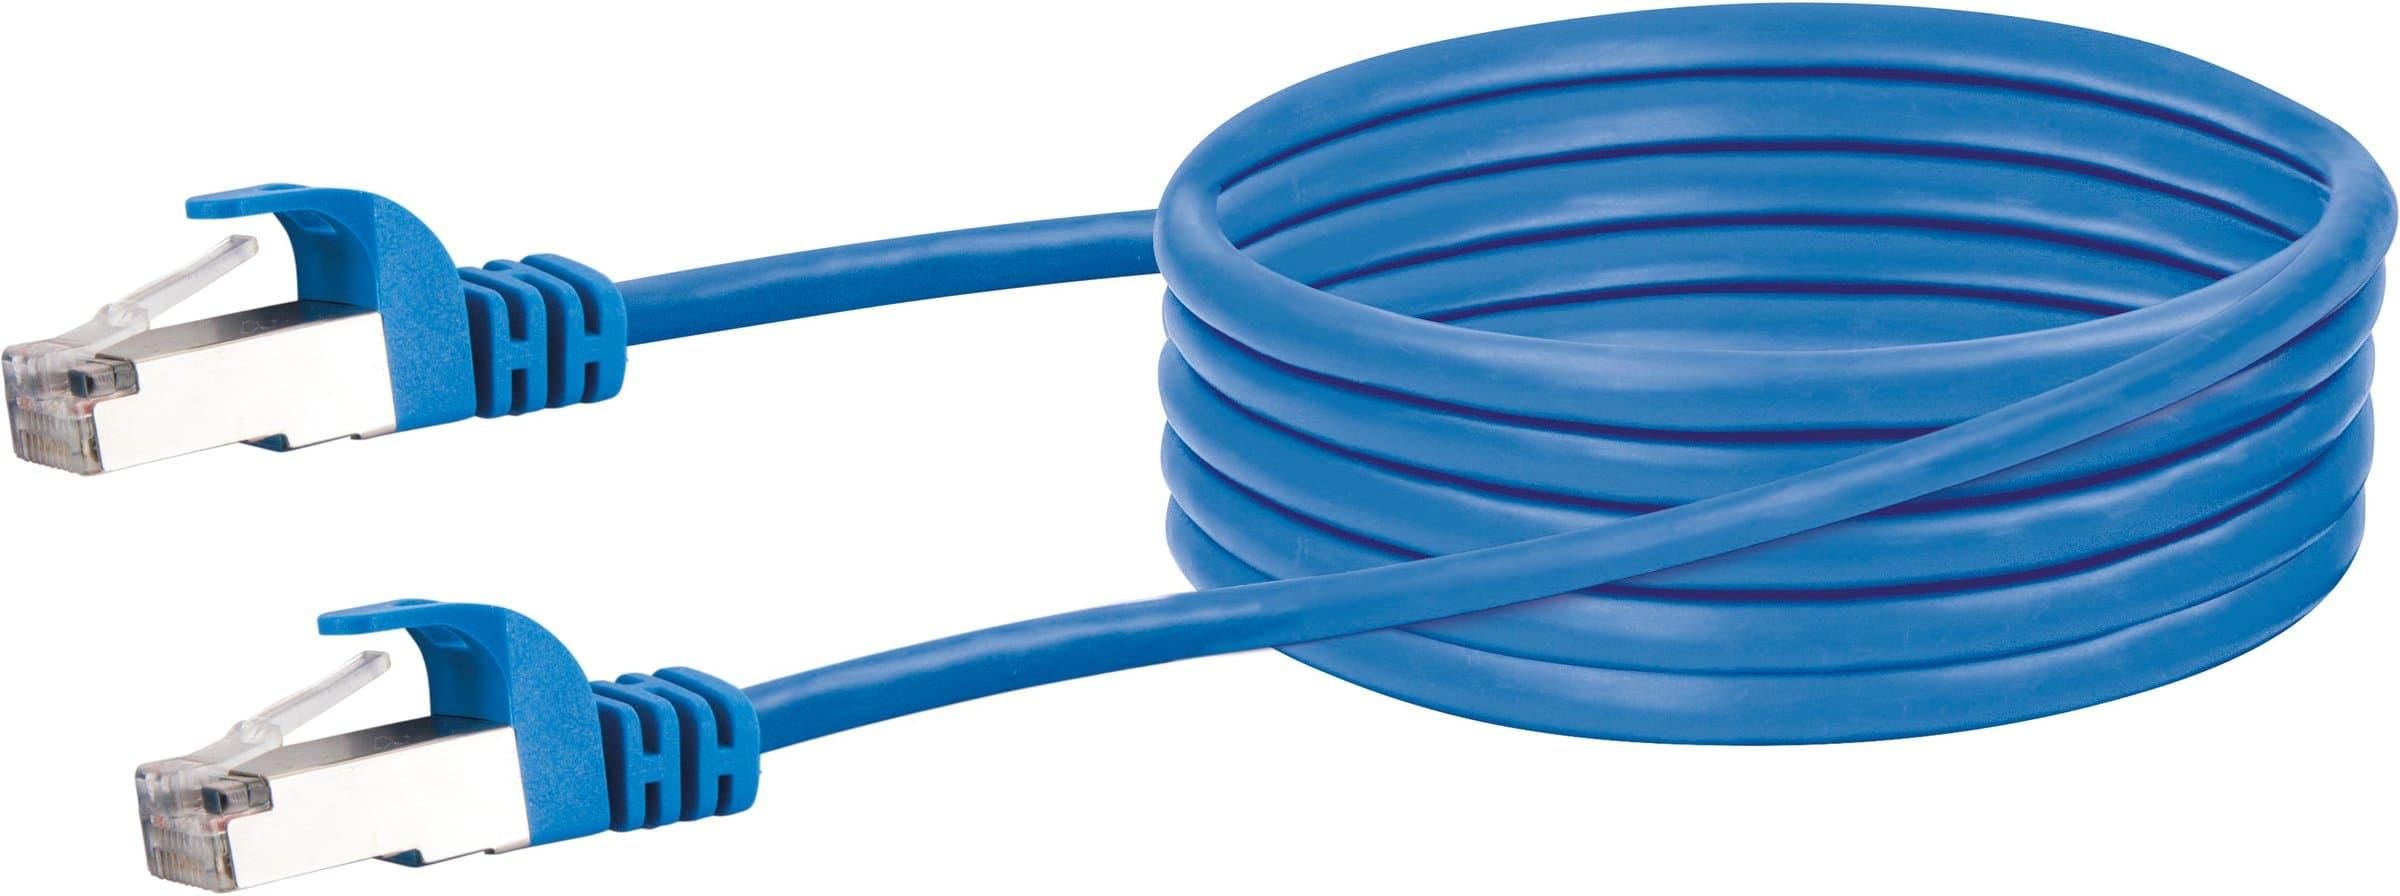 Schwaiger Cable de réseau S/FTP Cat. 6 1m bleu